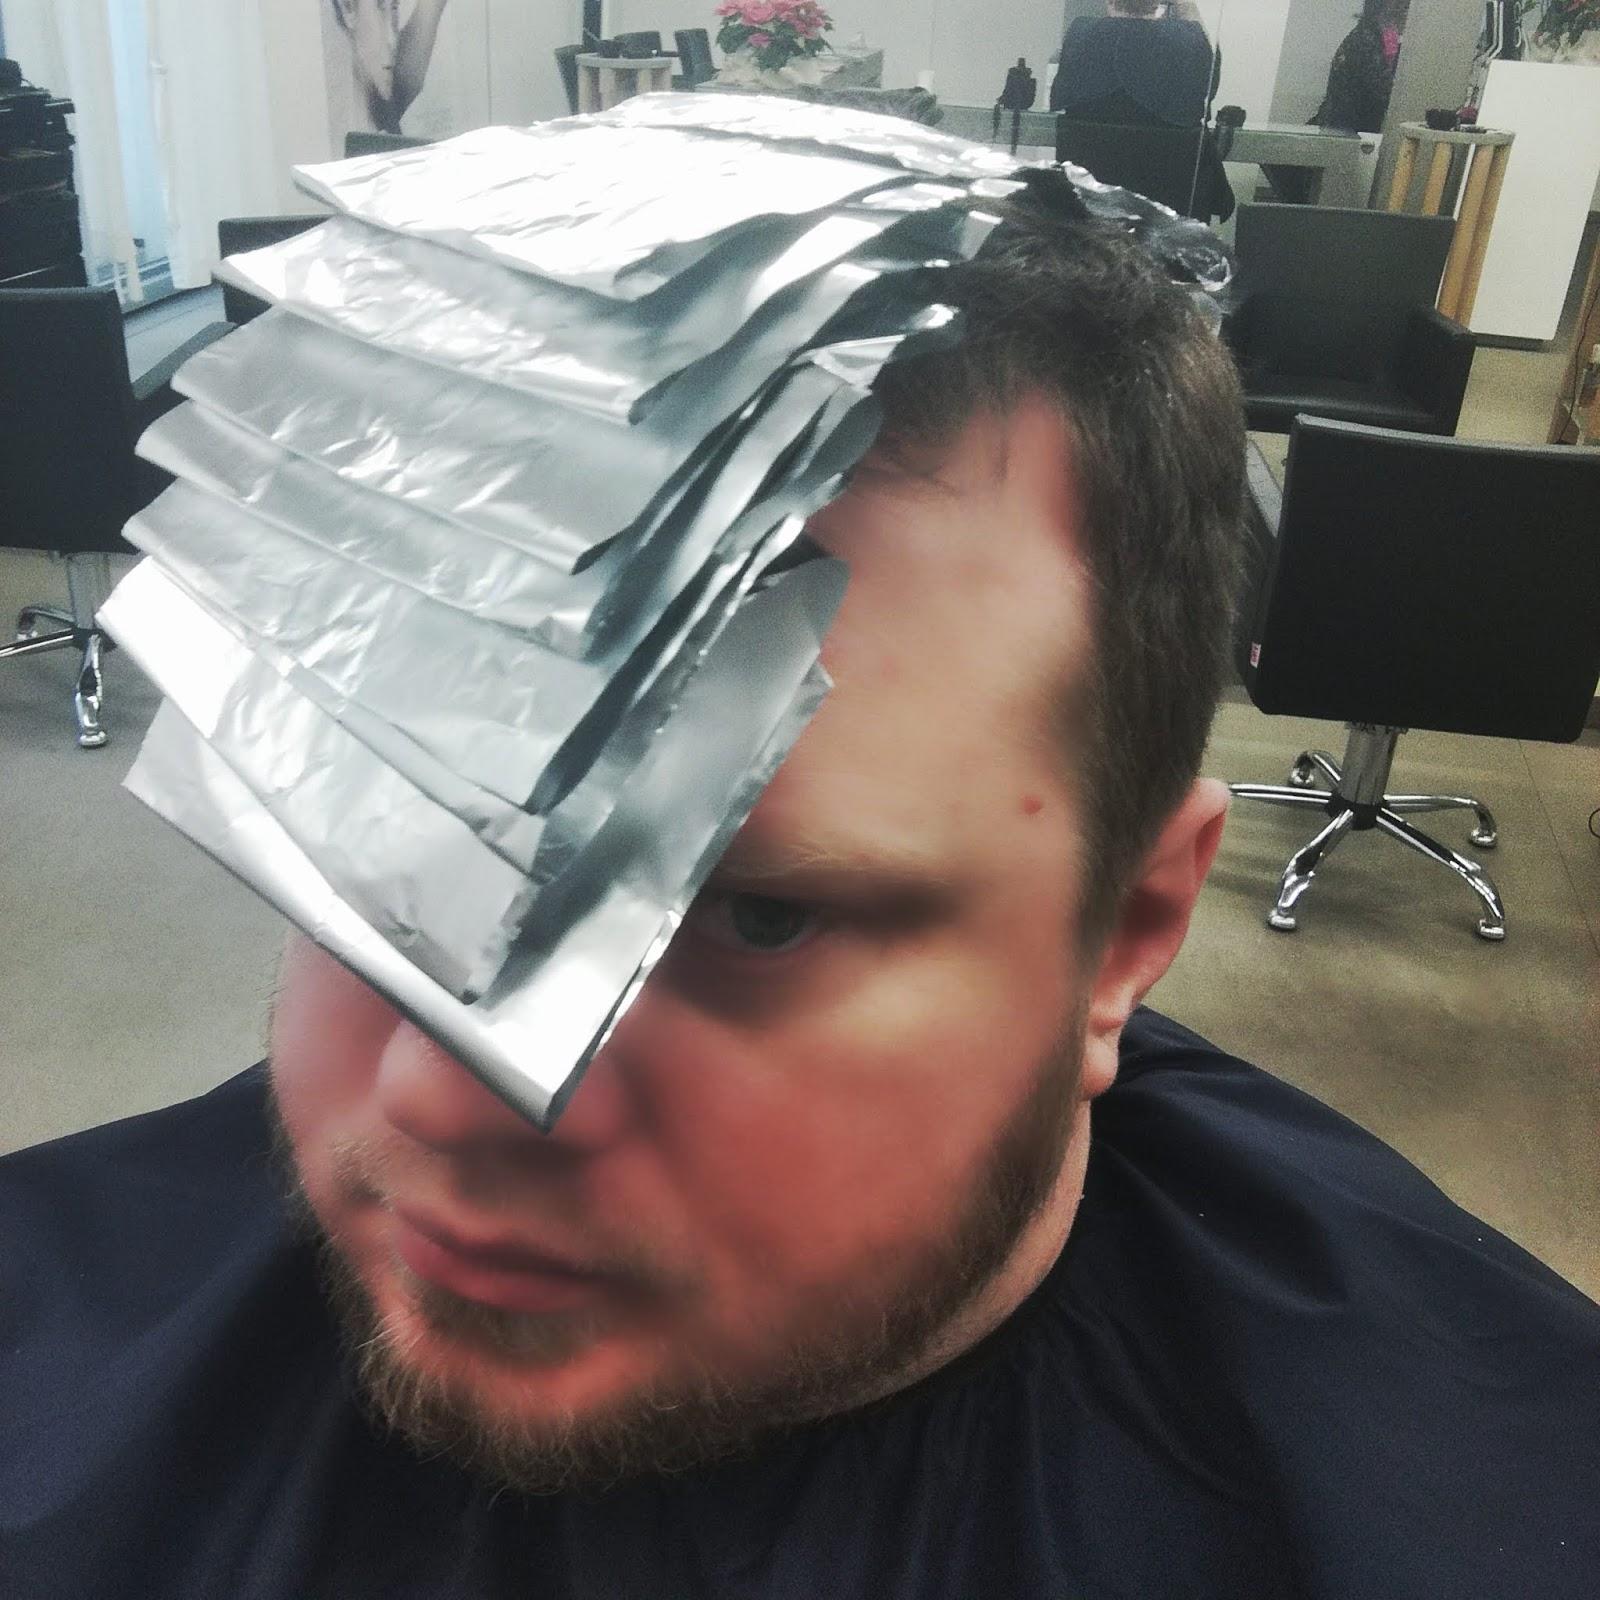 Głowa Jest Nie Tylko Od Noszenia Fryzury Czasem Fryzura Zmienia To